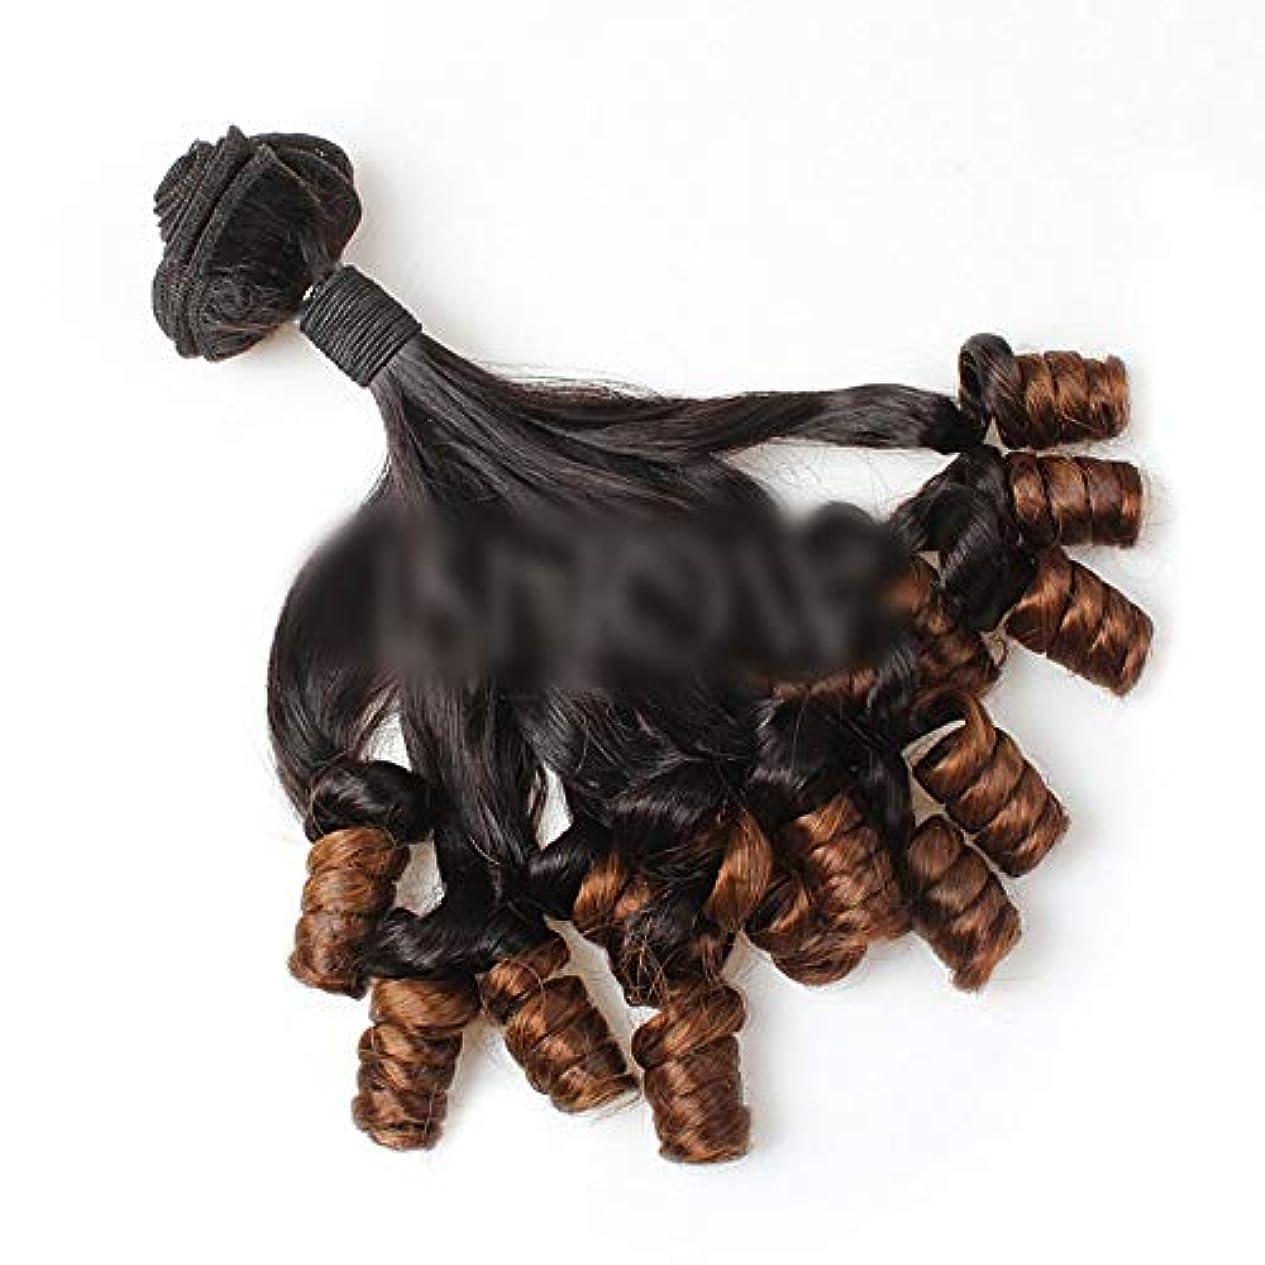 輸送ジェスチャー失うBOBIDYEE ブラジルFunmi人毛ショートカーリールーズウェーブヘアバンドル用ロールプレイングかつら女性のかつら (色 : ブラウン, サイズ : 10 inch)